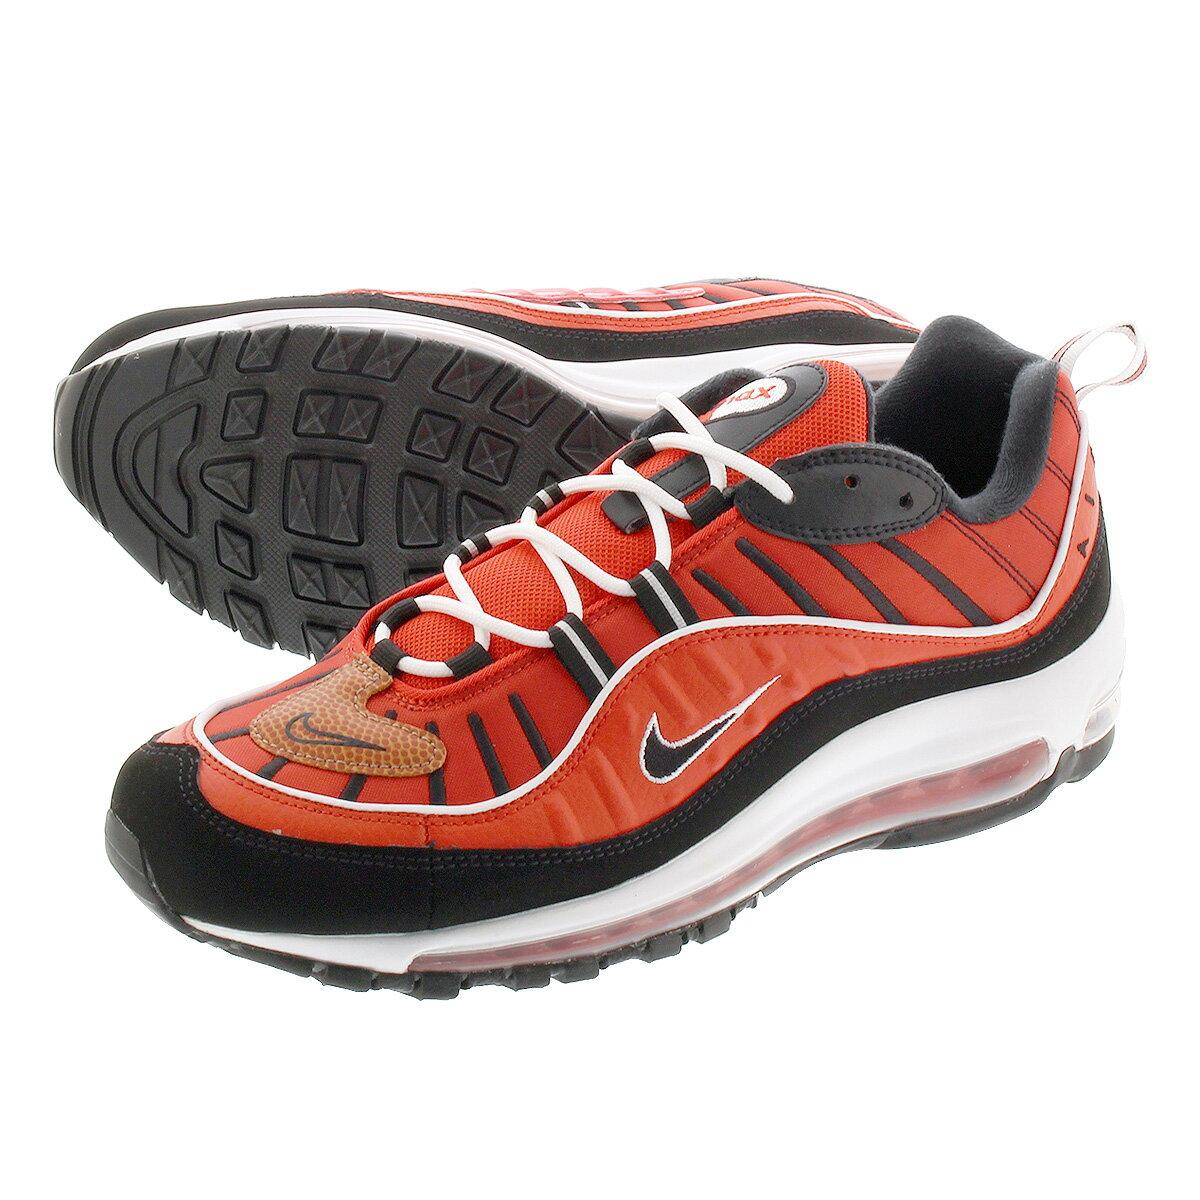 メンズ靴, スニーカー NIKE AIR MAX 98 98 HABANERO REDWHITEMETALLIC GOLDBLACK 640744-604